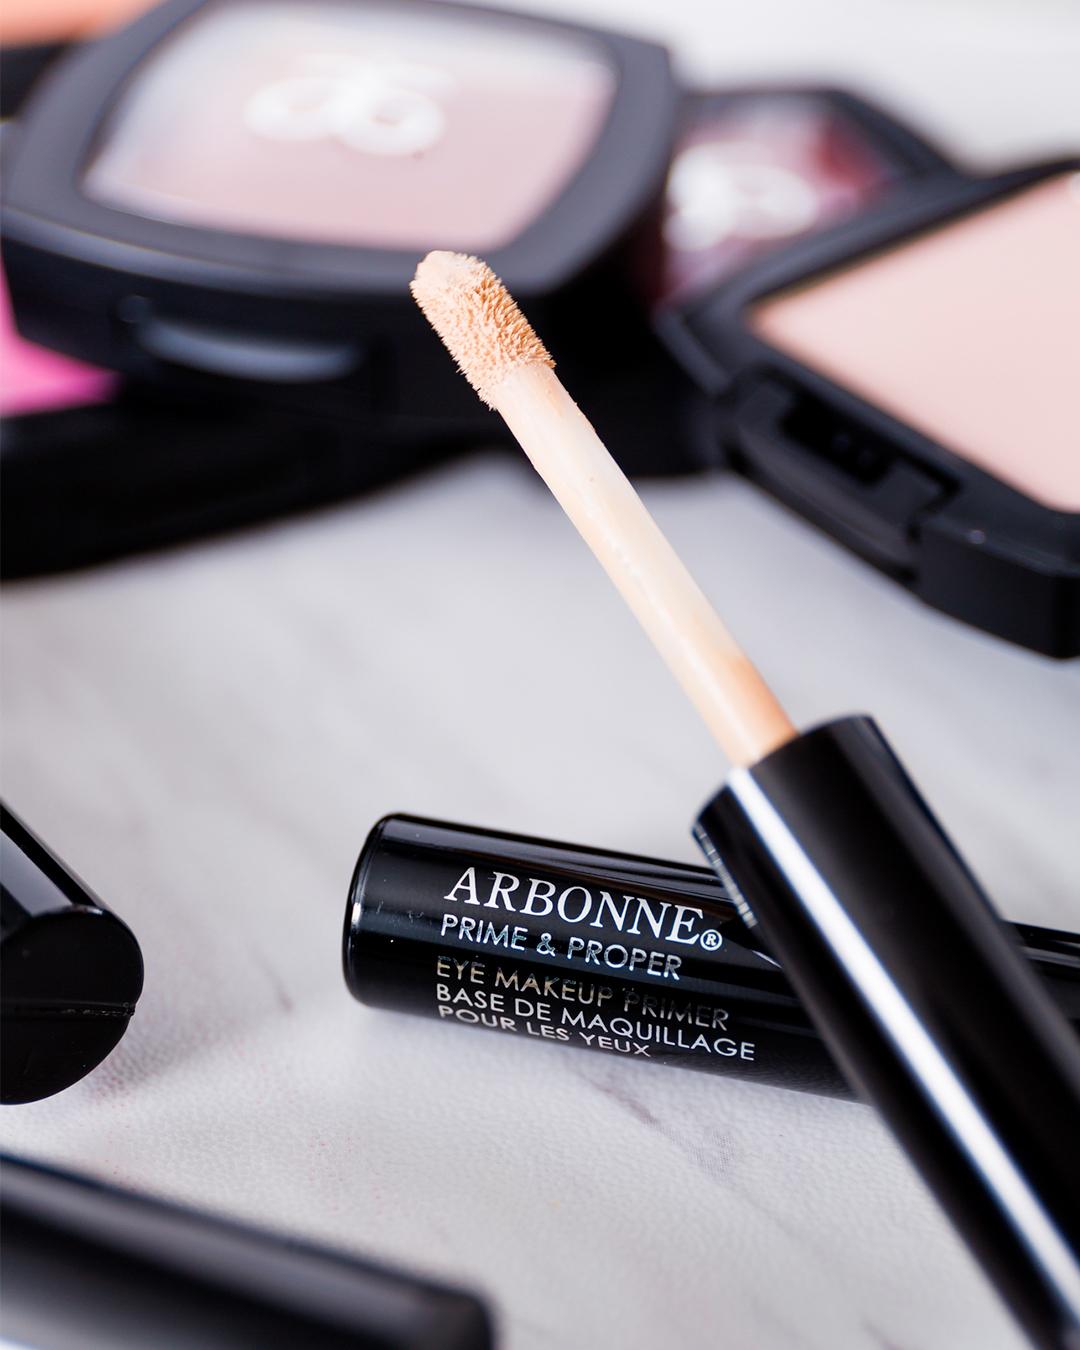 Prime & Proper Eye Makeup Primer  Blushes social_image.png